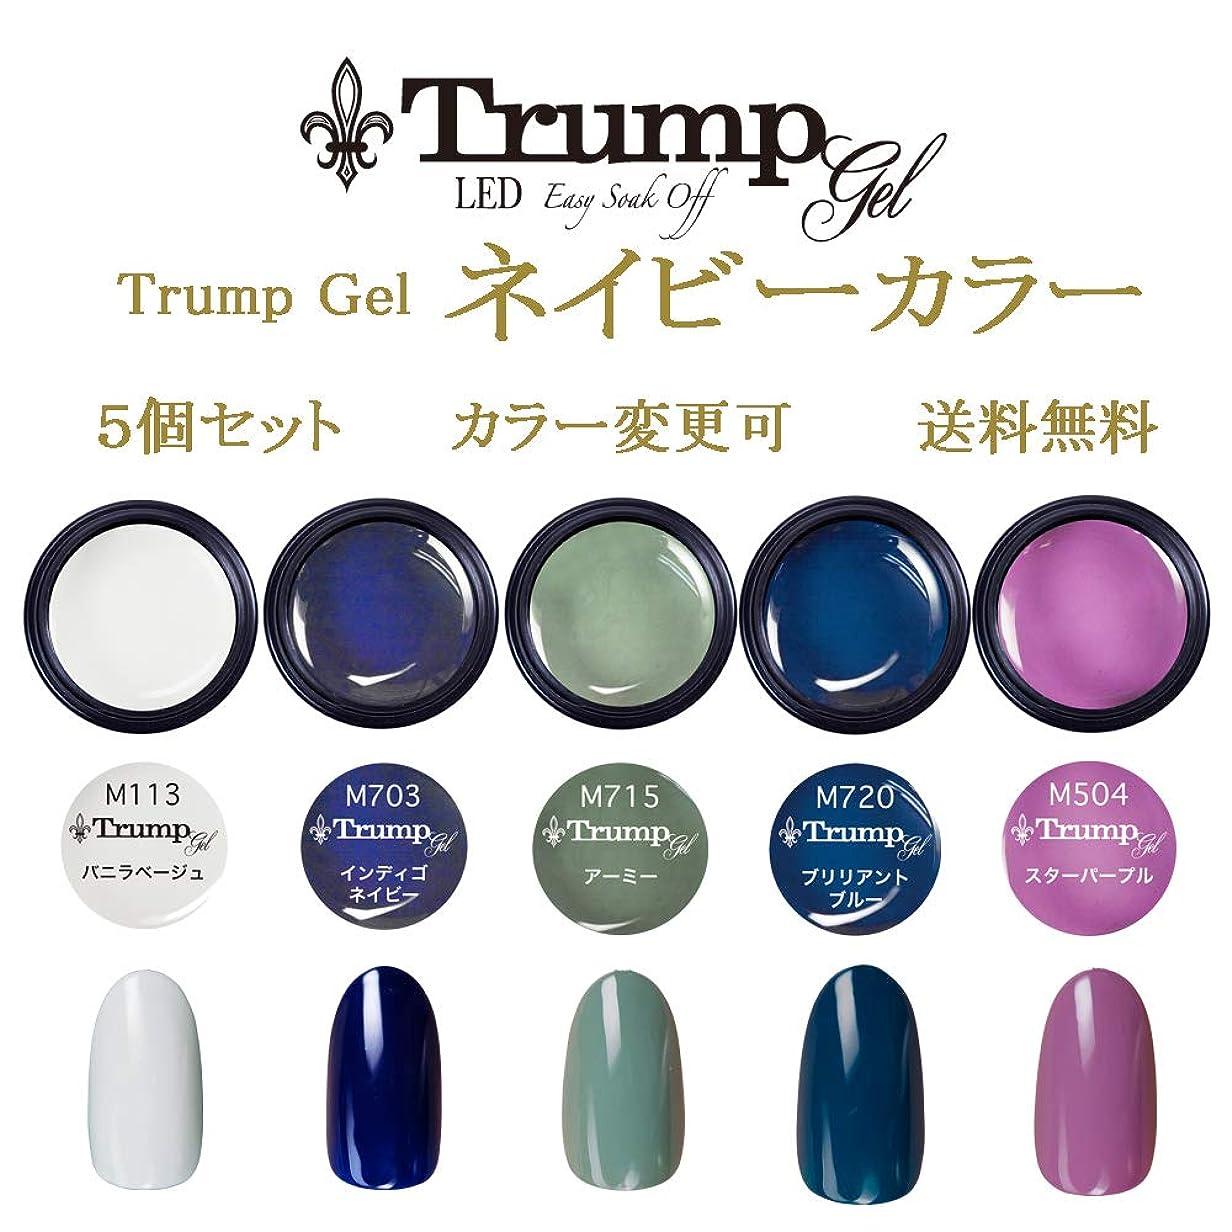 利点スプリット慢日本製 Trump gel トランプジェル ネイビーカラー 選べる カラージェル 5個セット ホワイト ブルー ネイビー パープル カーキ グリーン